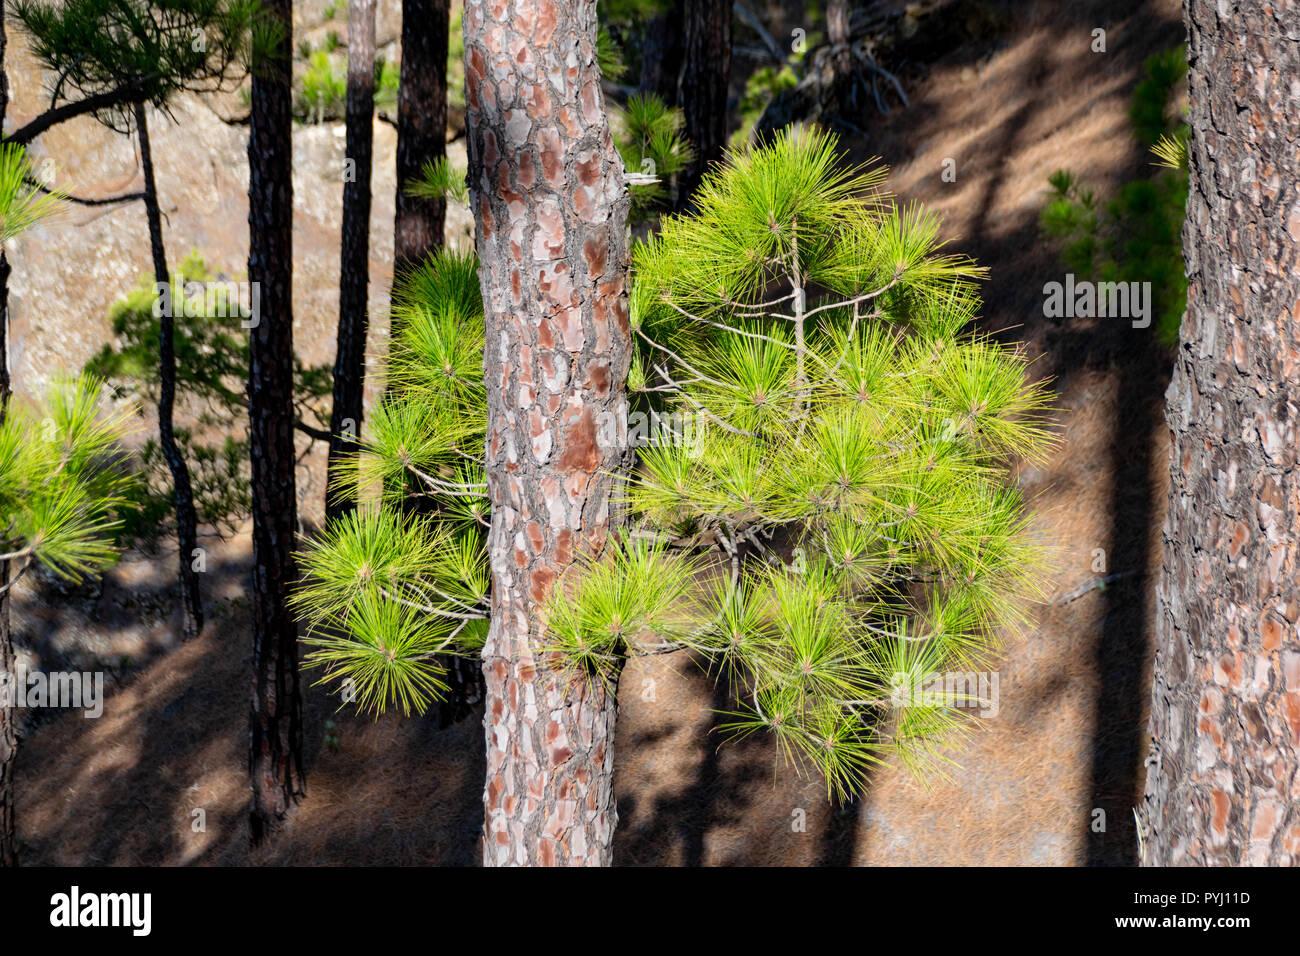 L'écorce des arbres brûlés et nouvelle repousse verte après un feu de forêt, l'arbre de pin (Pinus canariensis) Banque D'Images